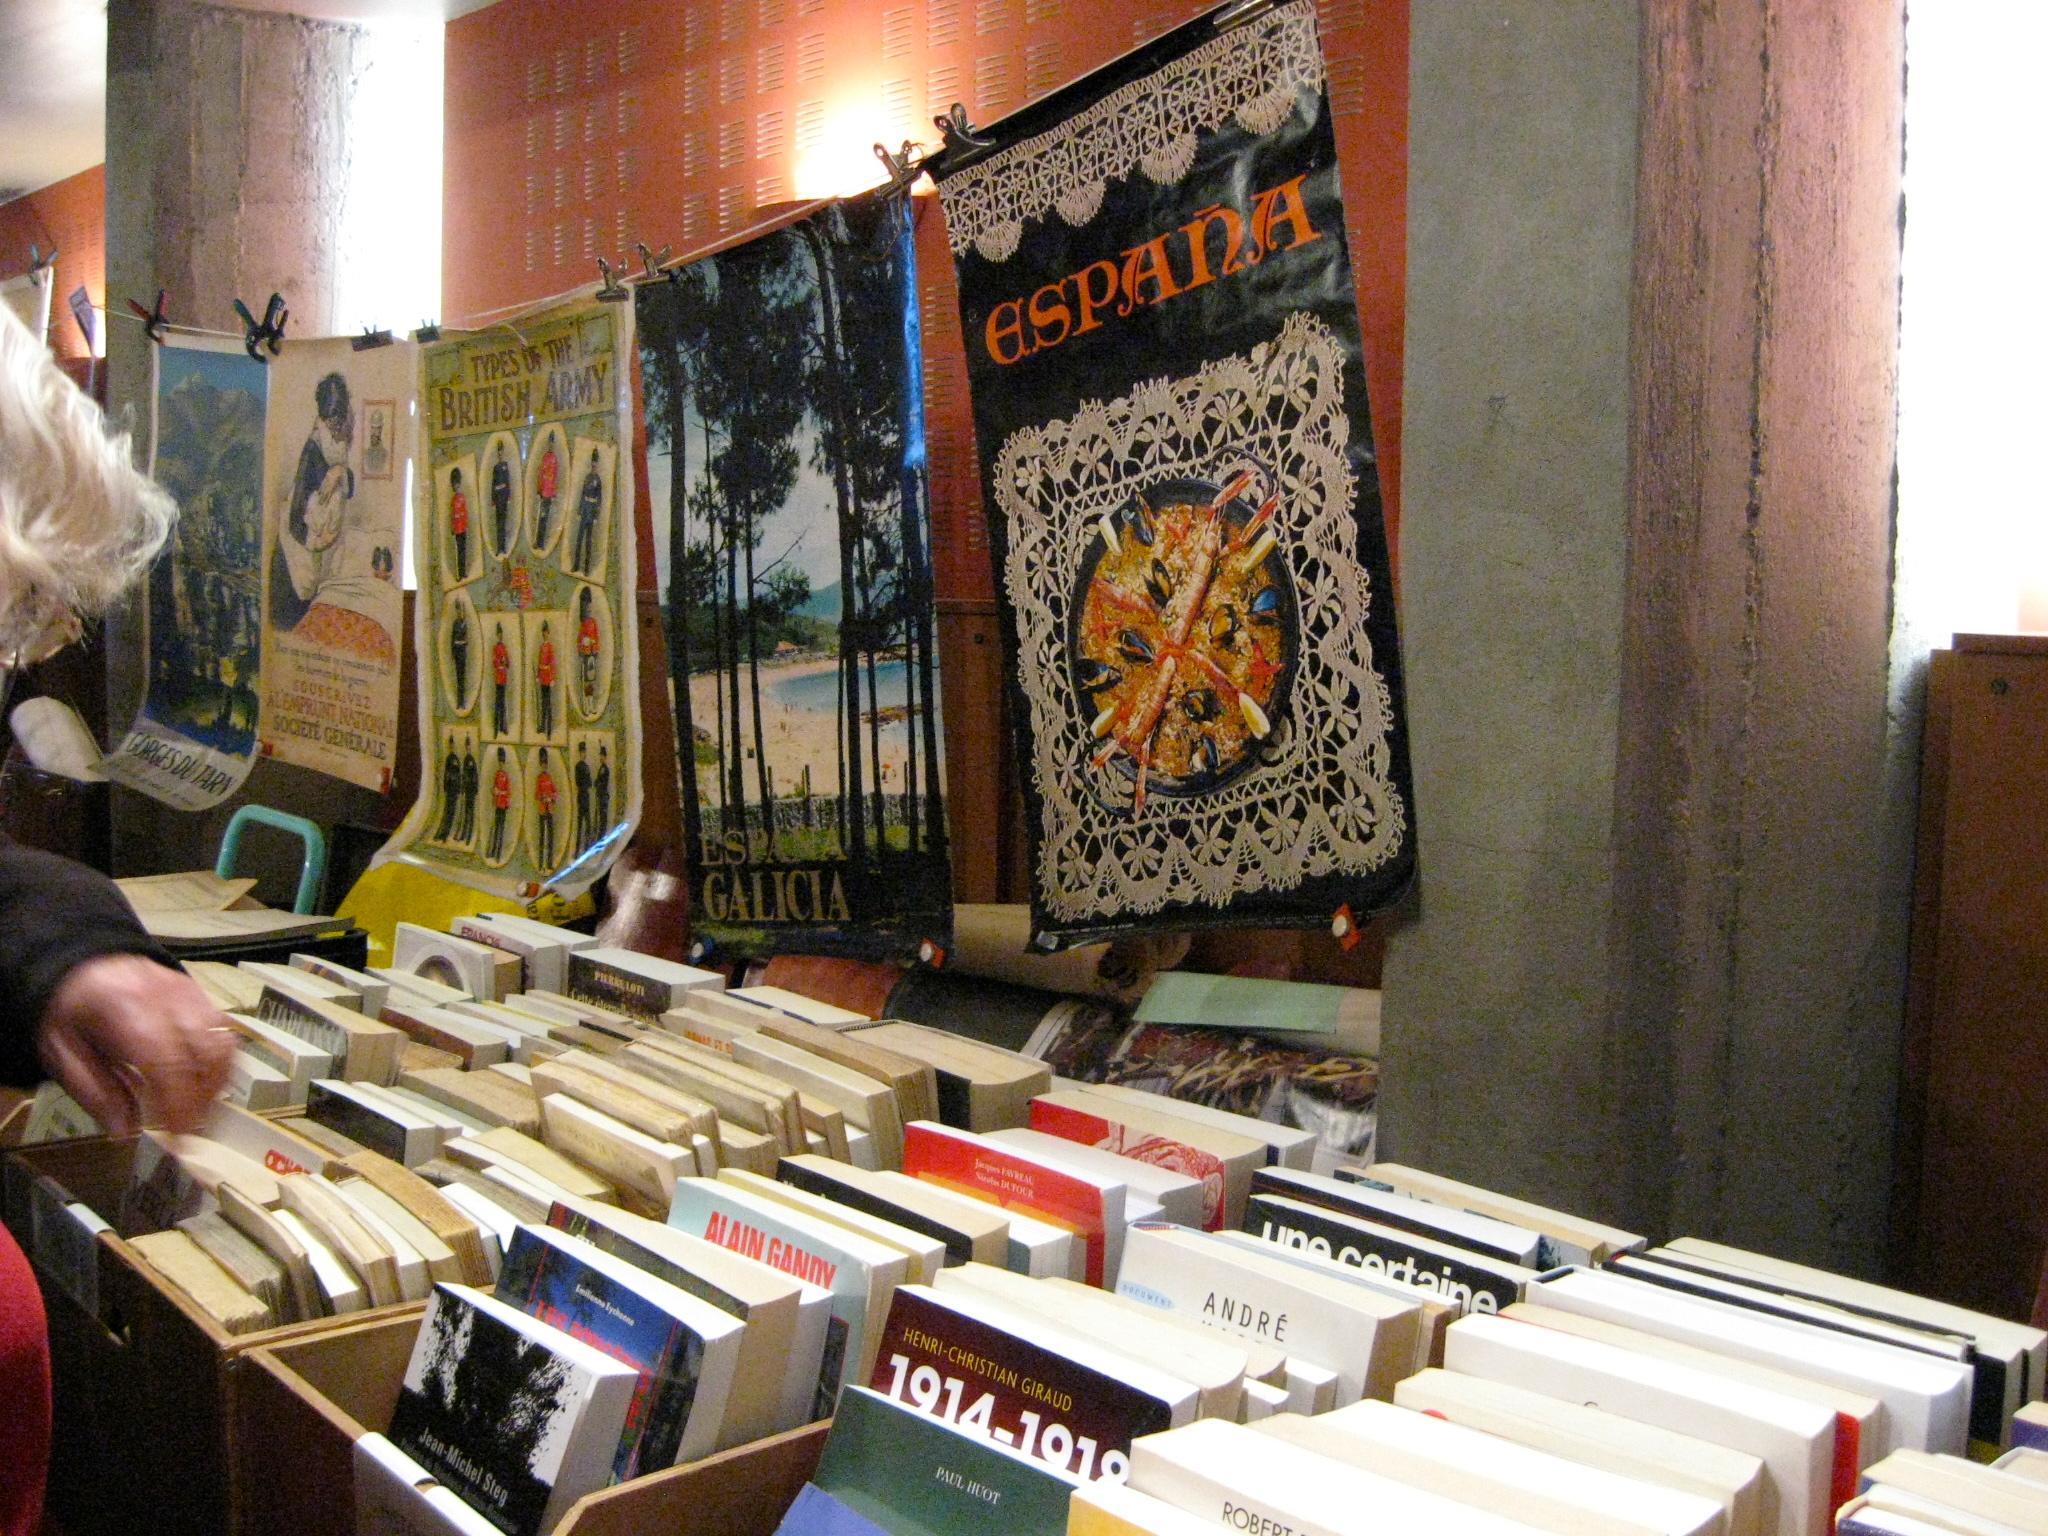 Montolieu et salon du livre ancien found in france for Salon du livre france